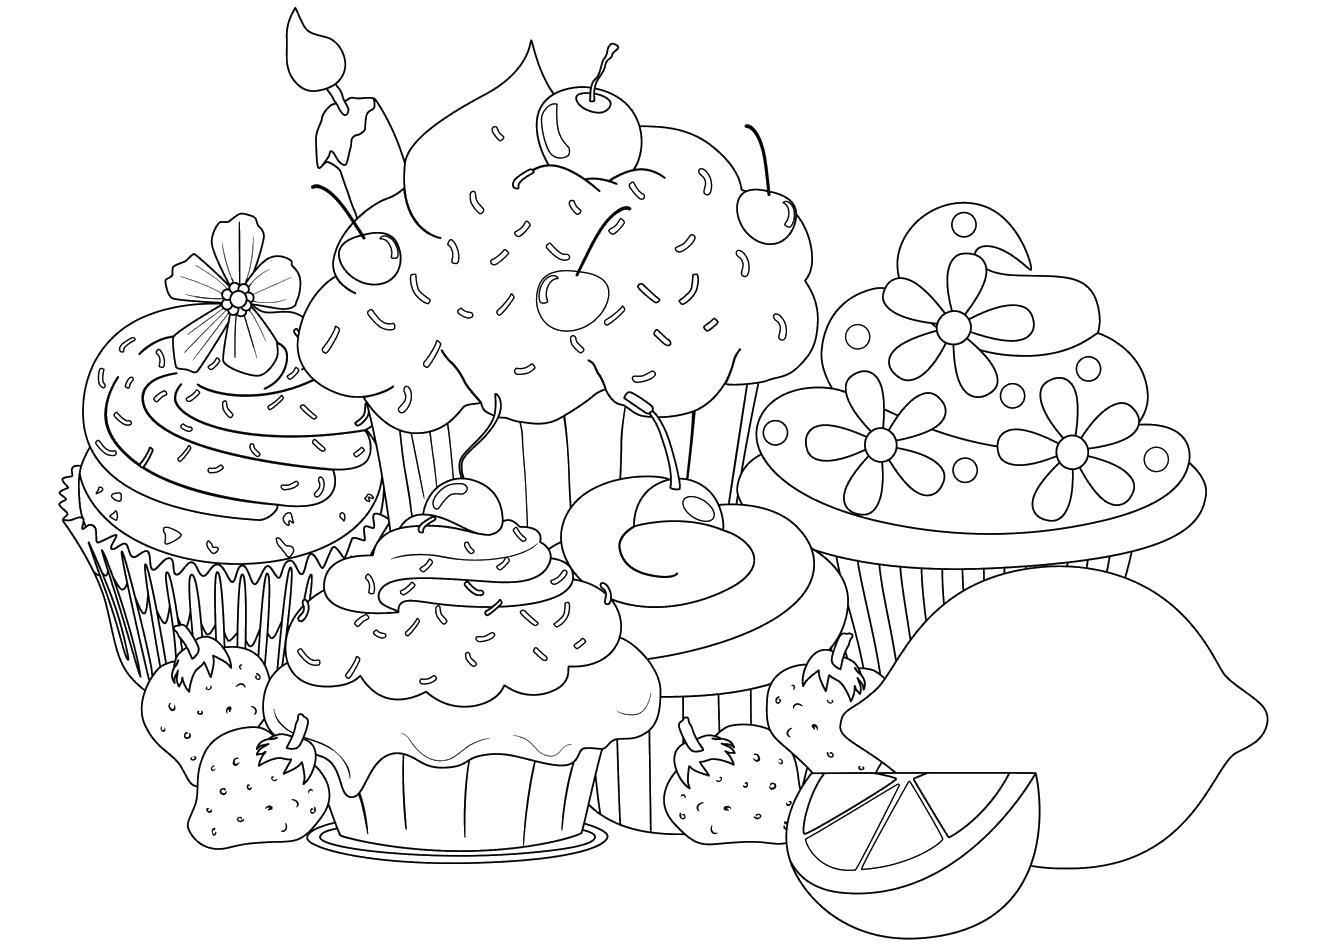 давида раскраска антистресс пирожные нужно